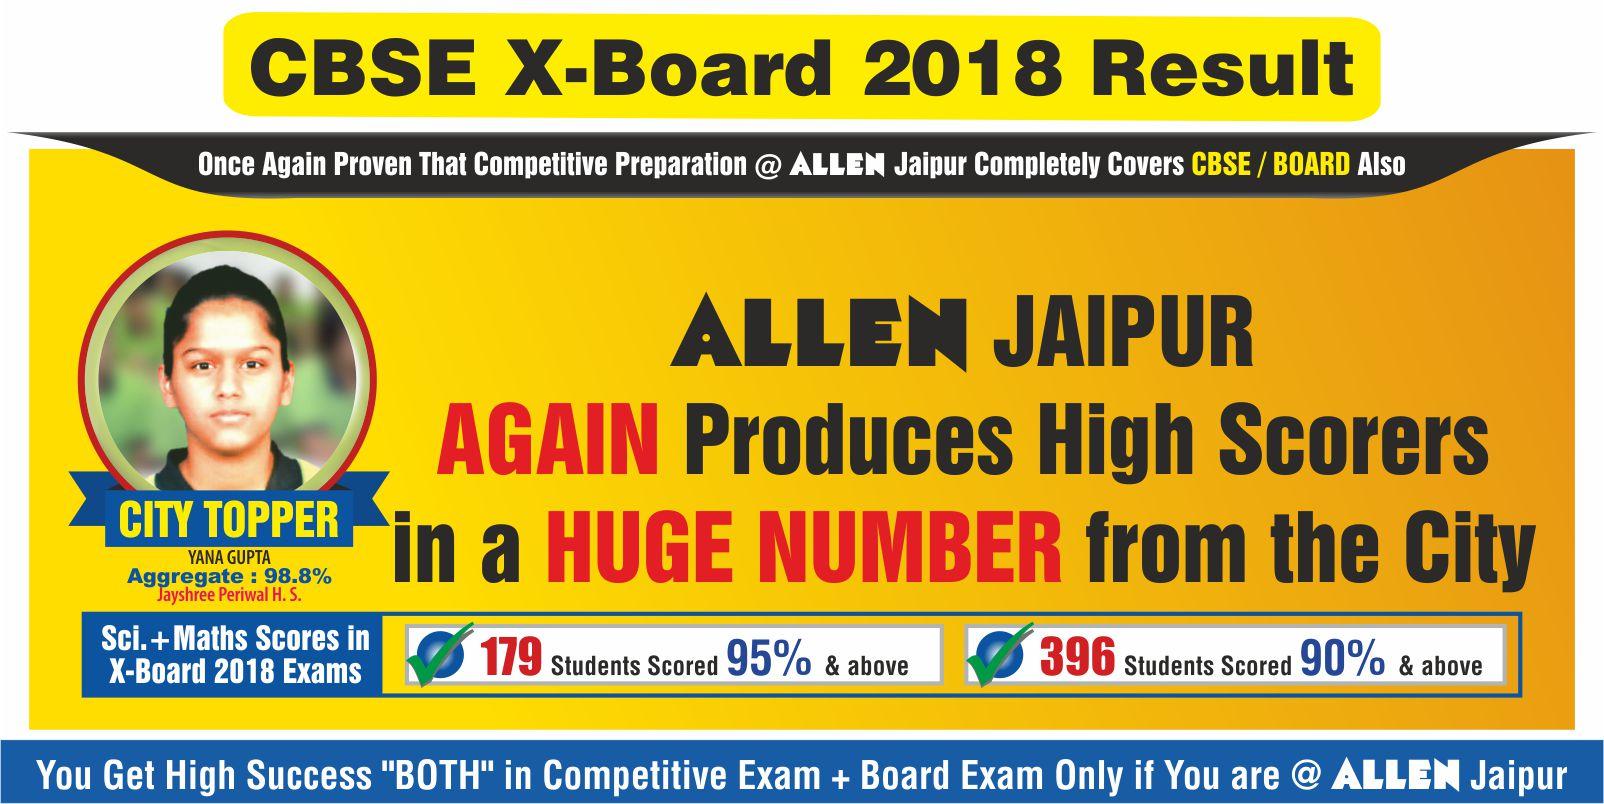 ALLEN Jaipur CBSE-X Result 2018